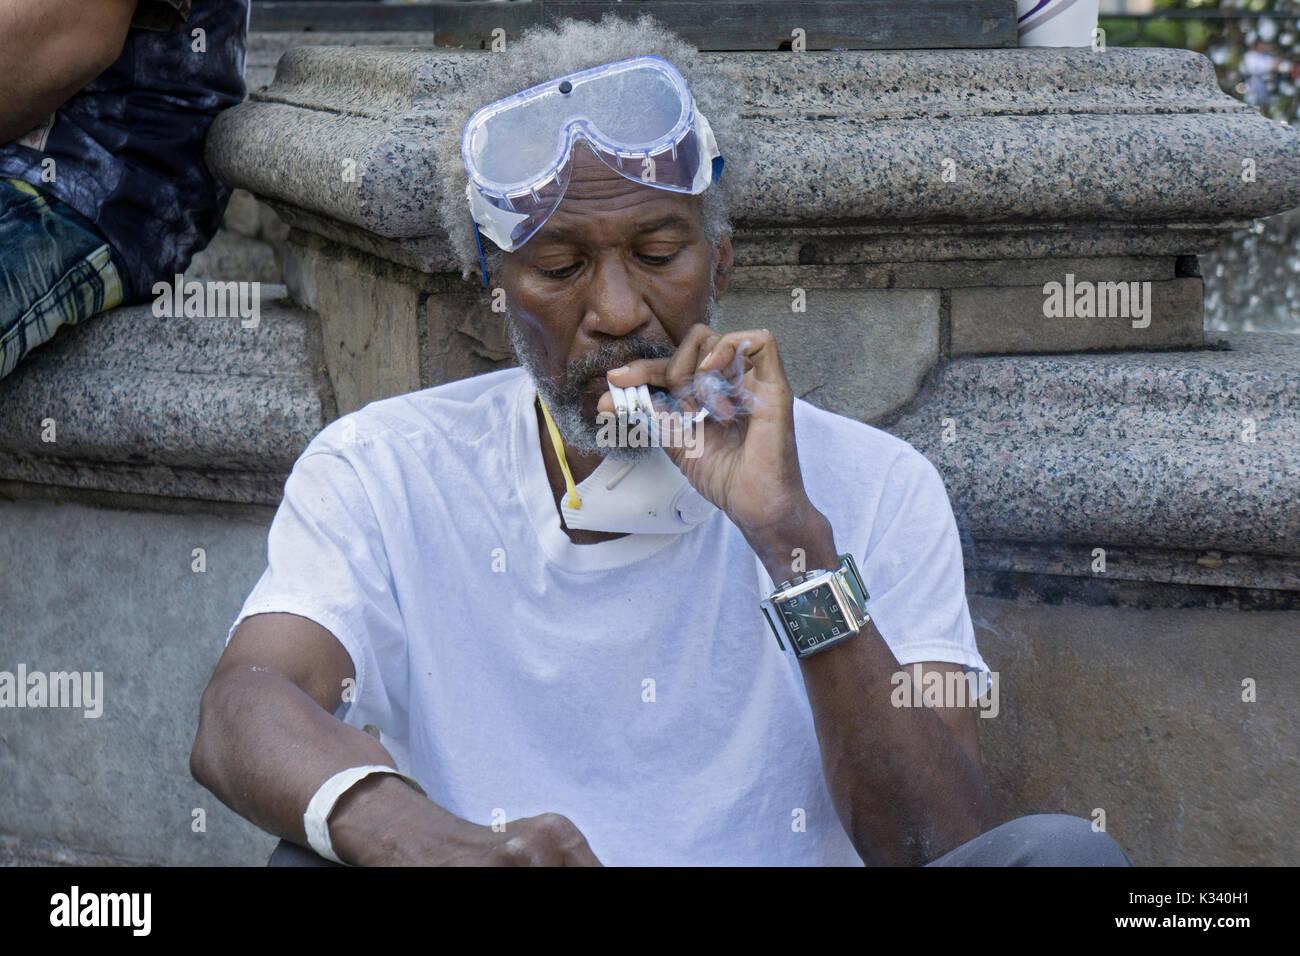 Un uomo di fumare tre sigarette in un momento indossando occhiali  protettivi e una maschera facciale f9bbda0bcd4b